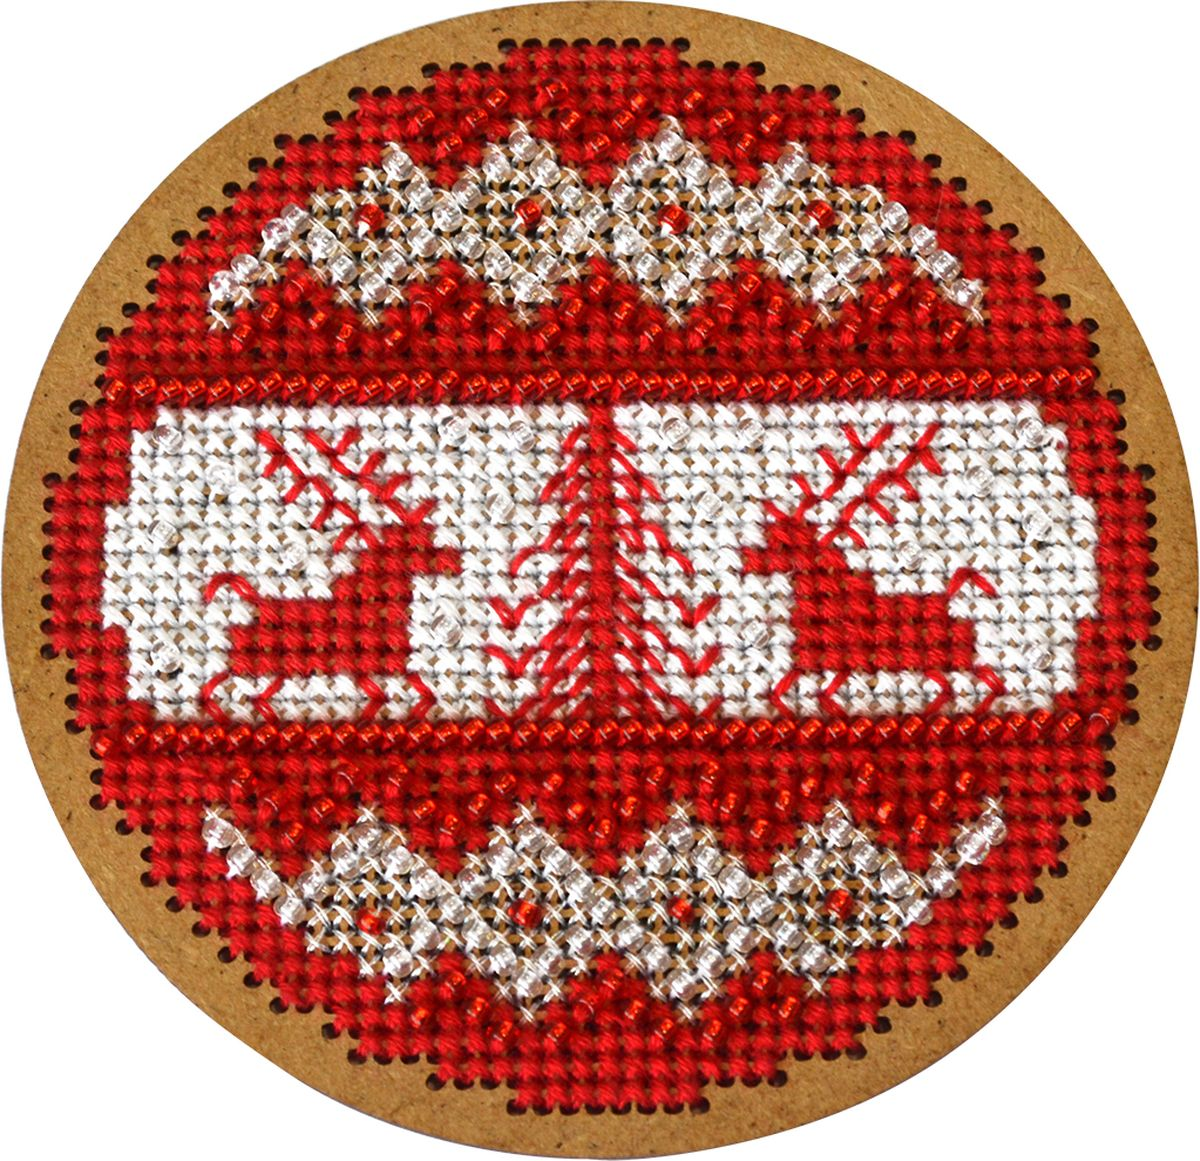 Набор для вышивания крестом Созвездие Новогодняя игрушка. Скандинавский узор, 8,5 х 8,5 см набор для вышивания крестом rto загадай желание 20 х 26 см